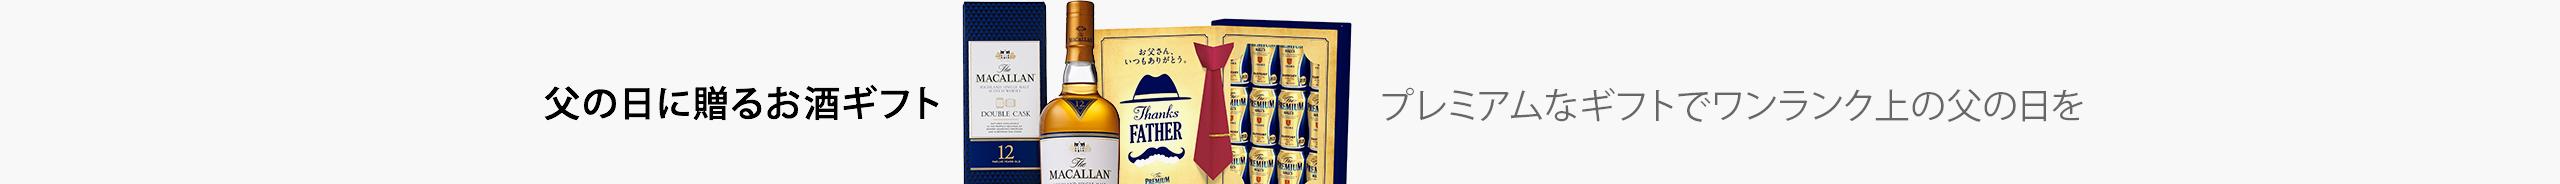 サントリー父の日に贈るお酒ギフト プレミアムなギフトでワンランク上の父の日を